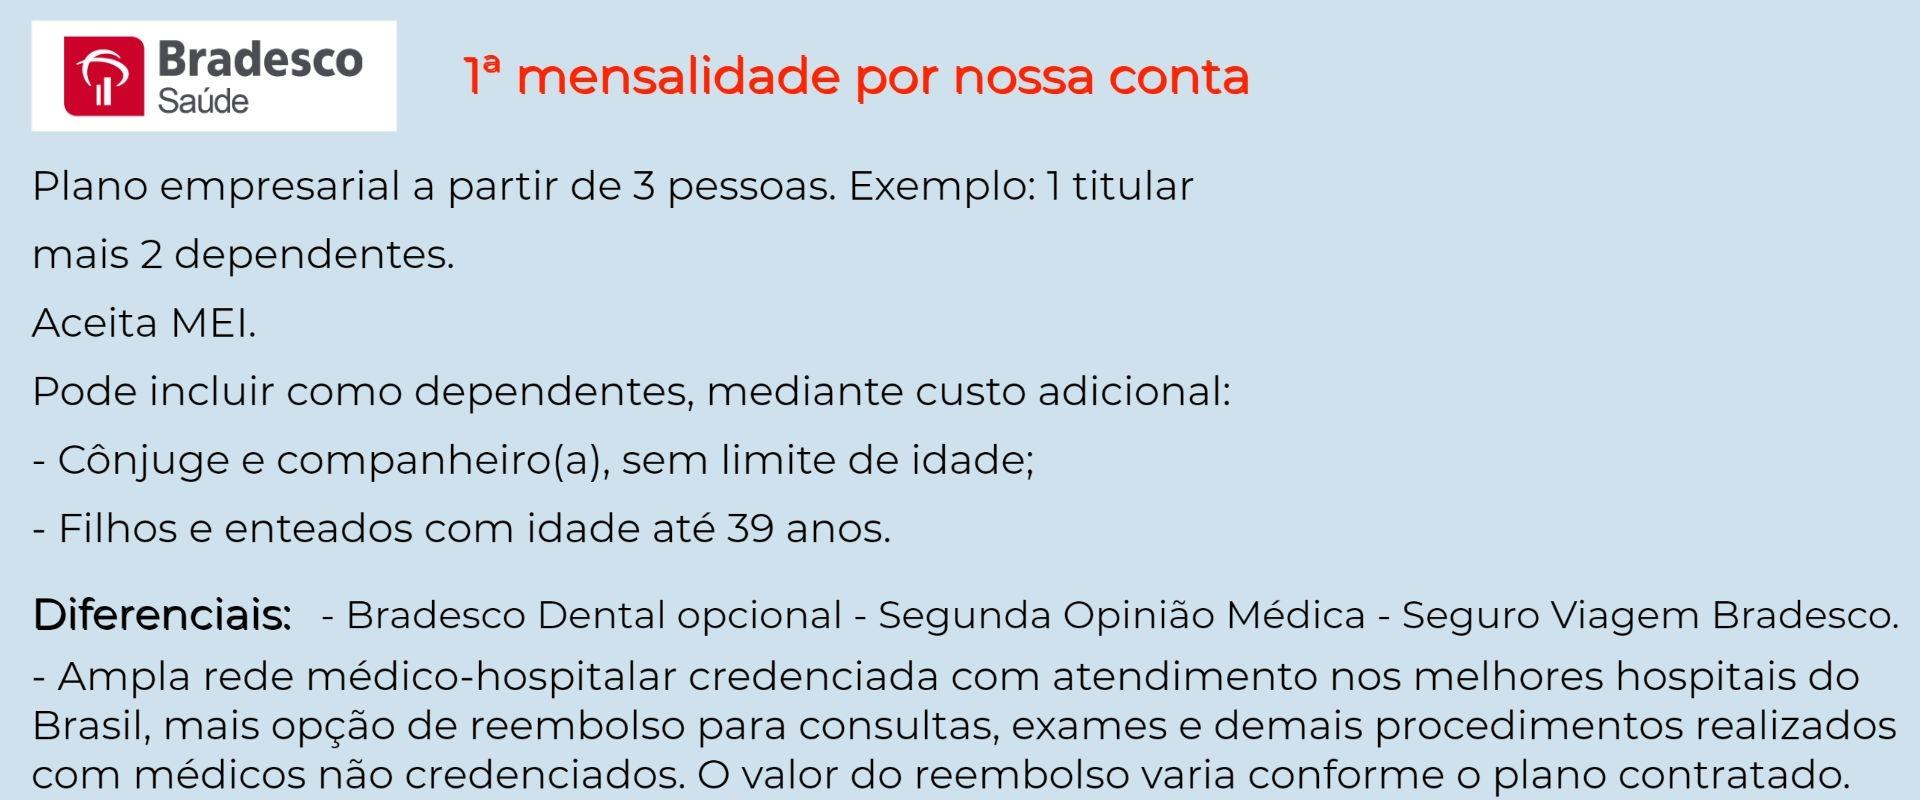 Bradesco Saúde Empresarial - Ourinhos